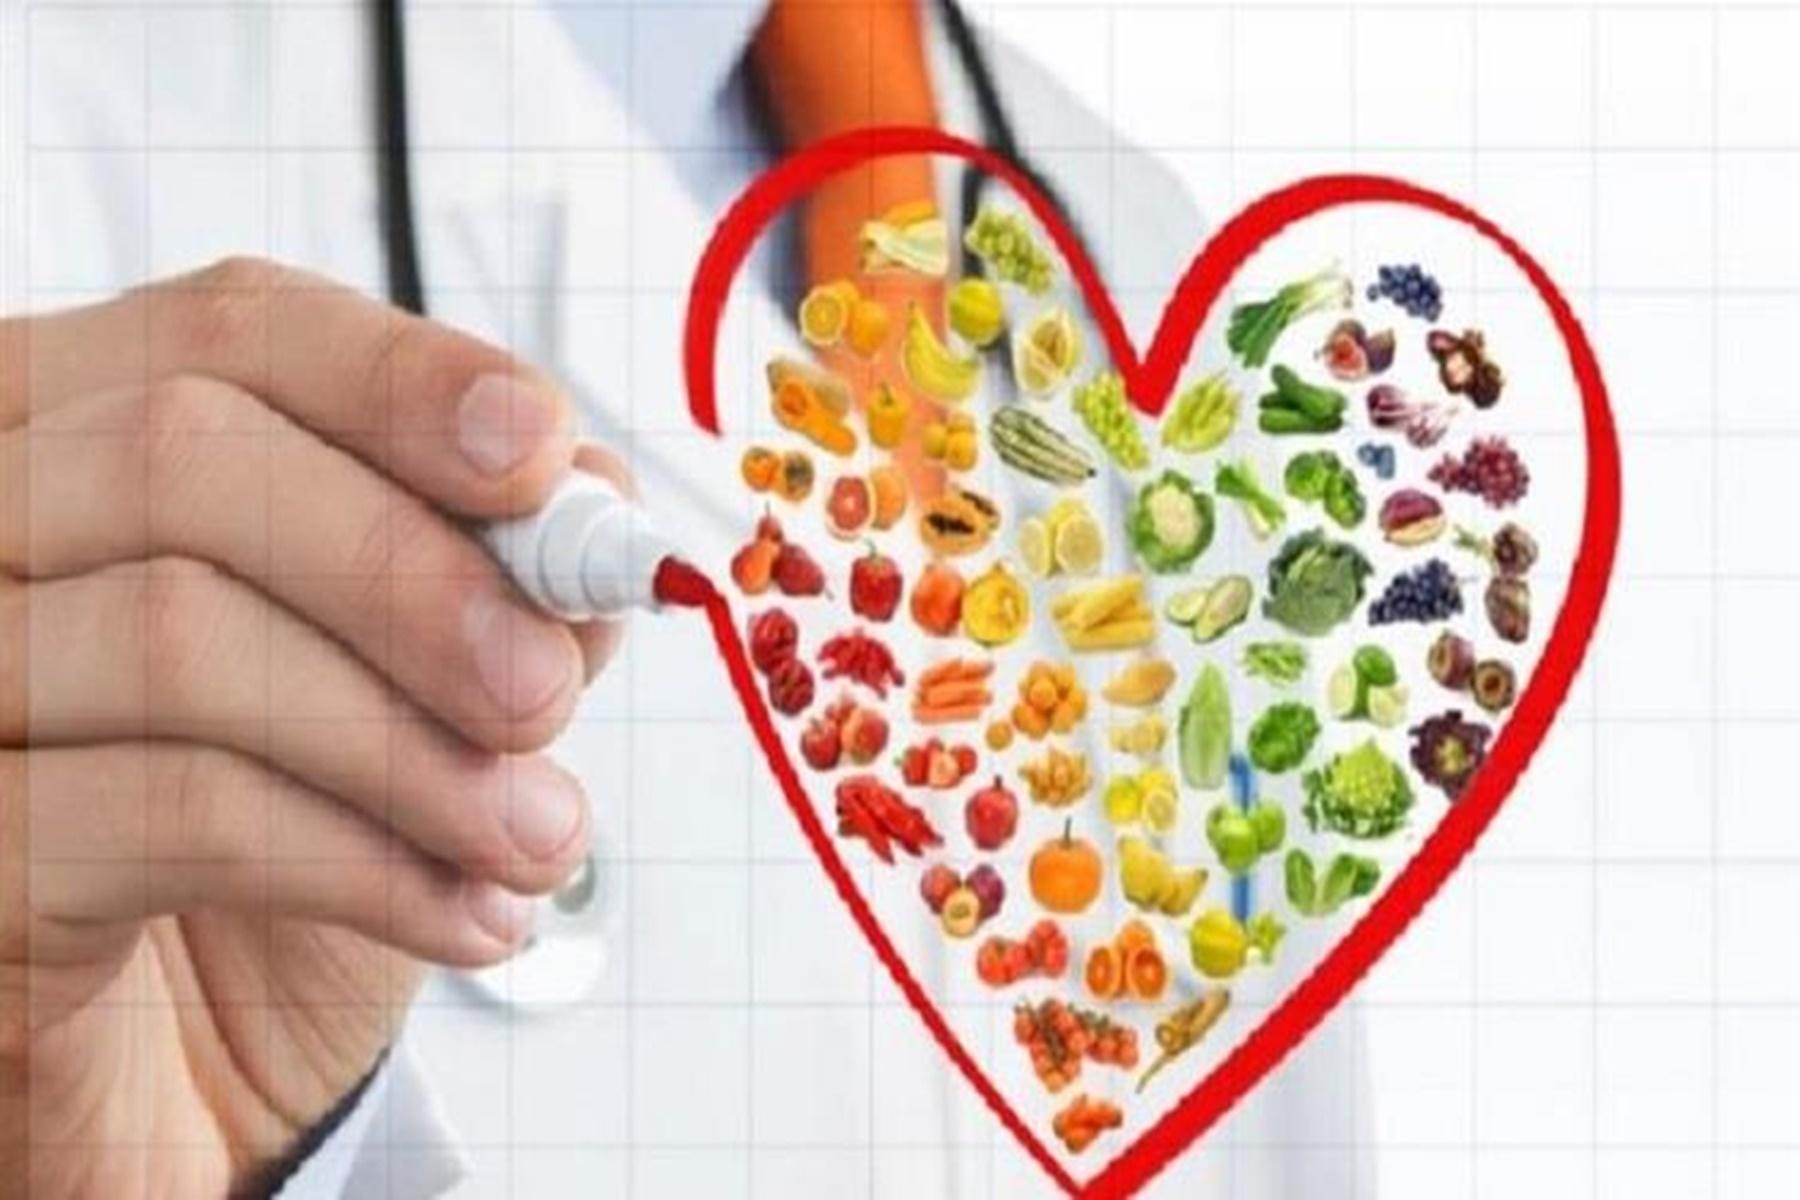 Διατροφή : Τροφές που αυξάνουν την χοληστερίνη